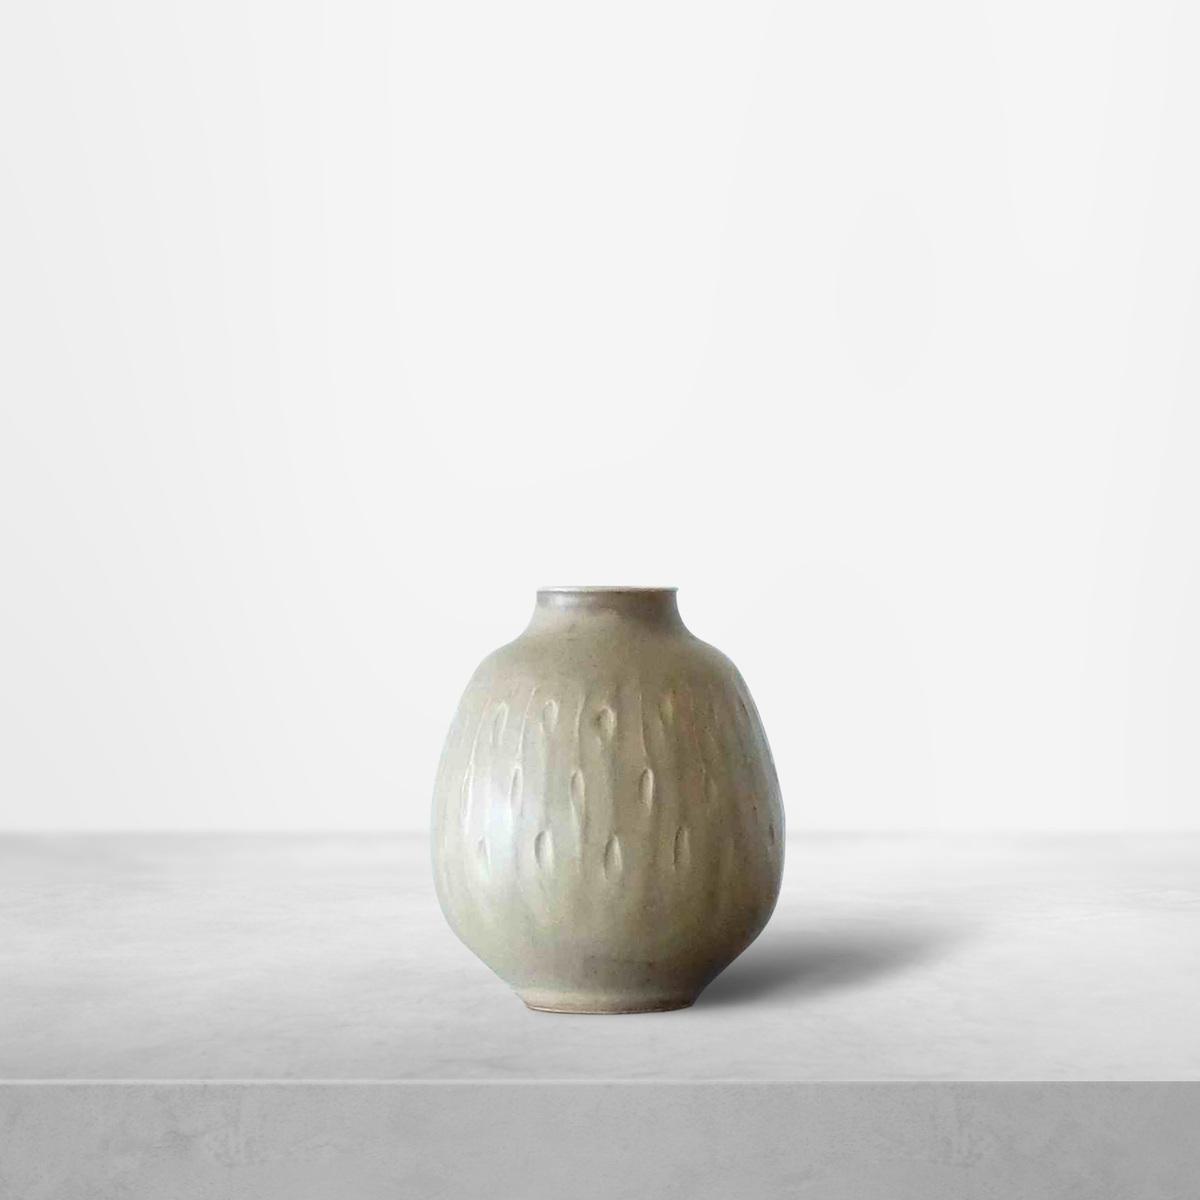 Gerd Bogelund for Royal Copenhagen, Ceramic cream coloured vase, 1940s